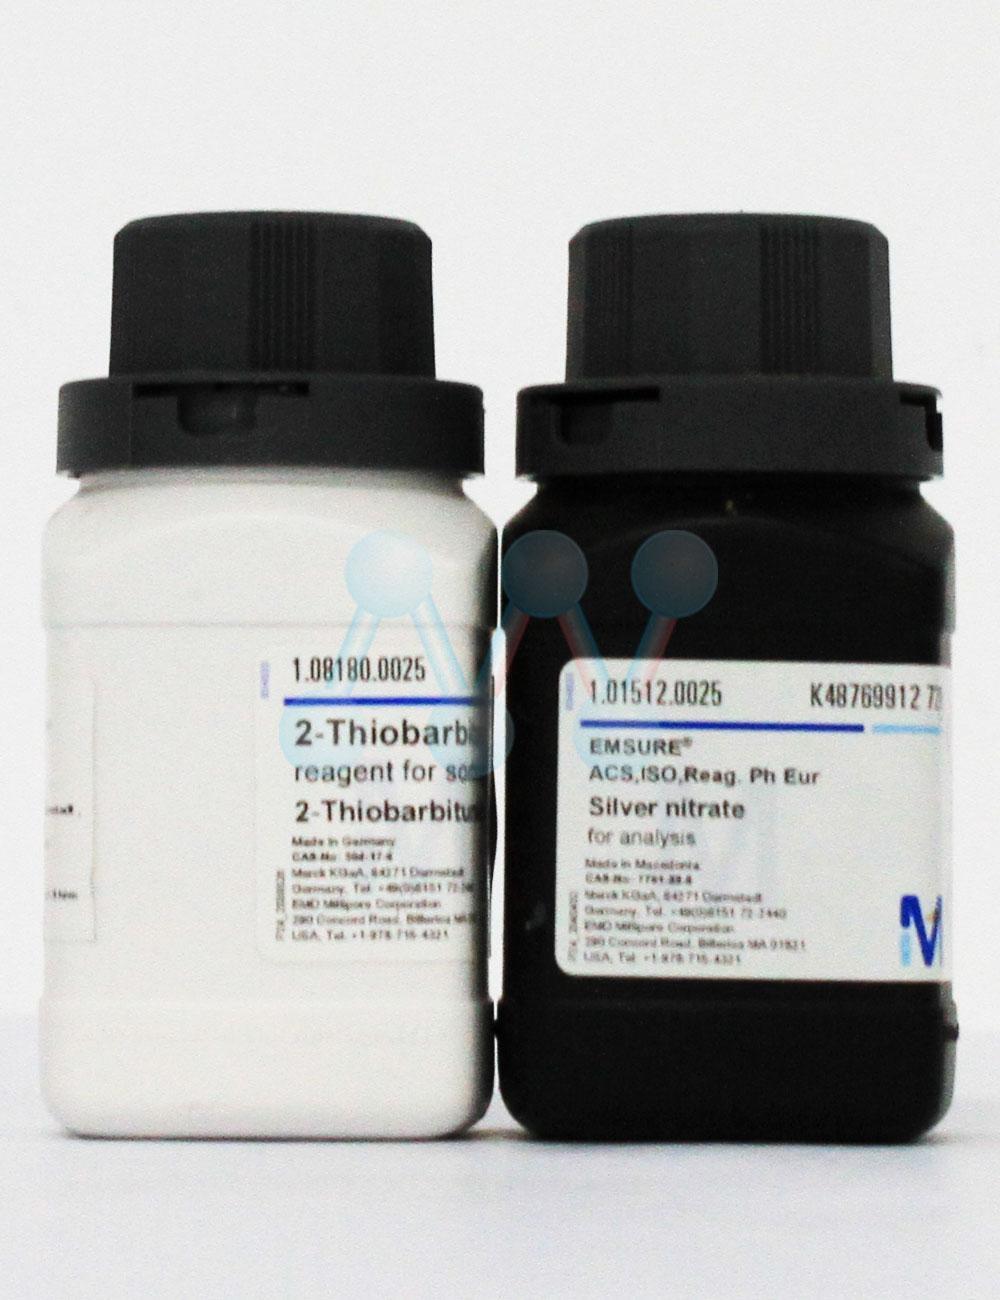 4-Dimethylaminobenzaldehyde (CH3)2NC6H4CHO